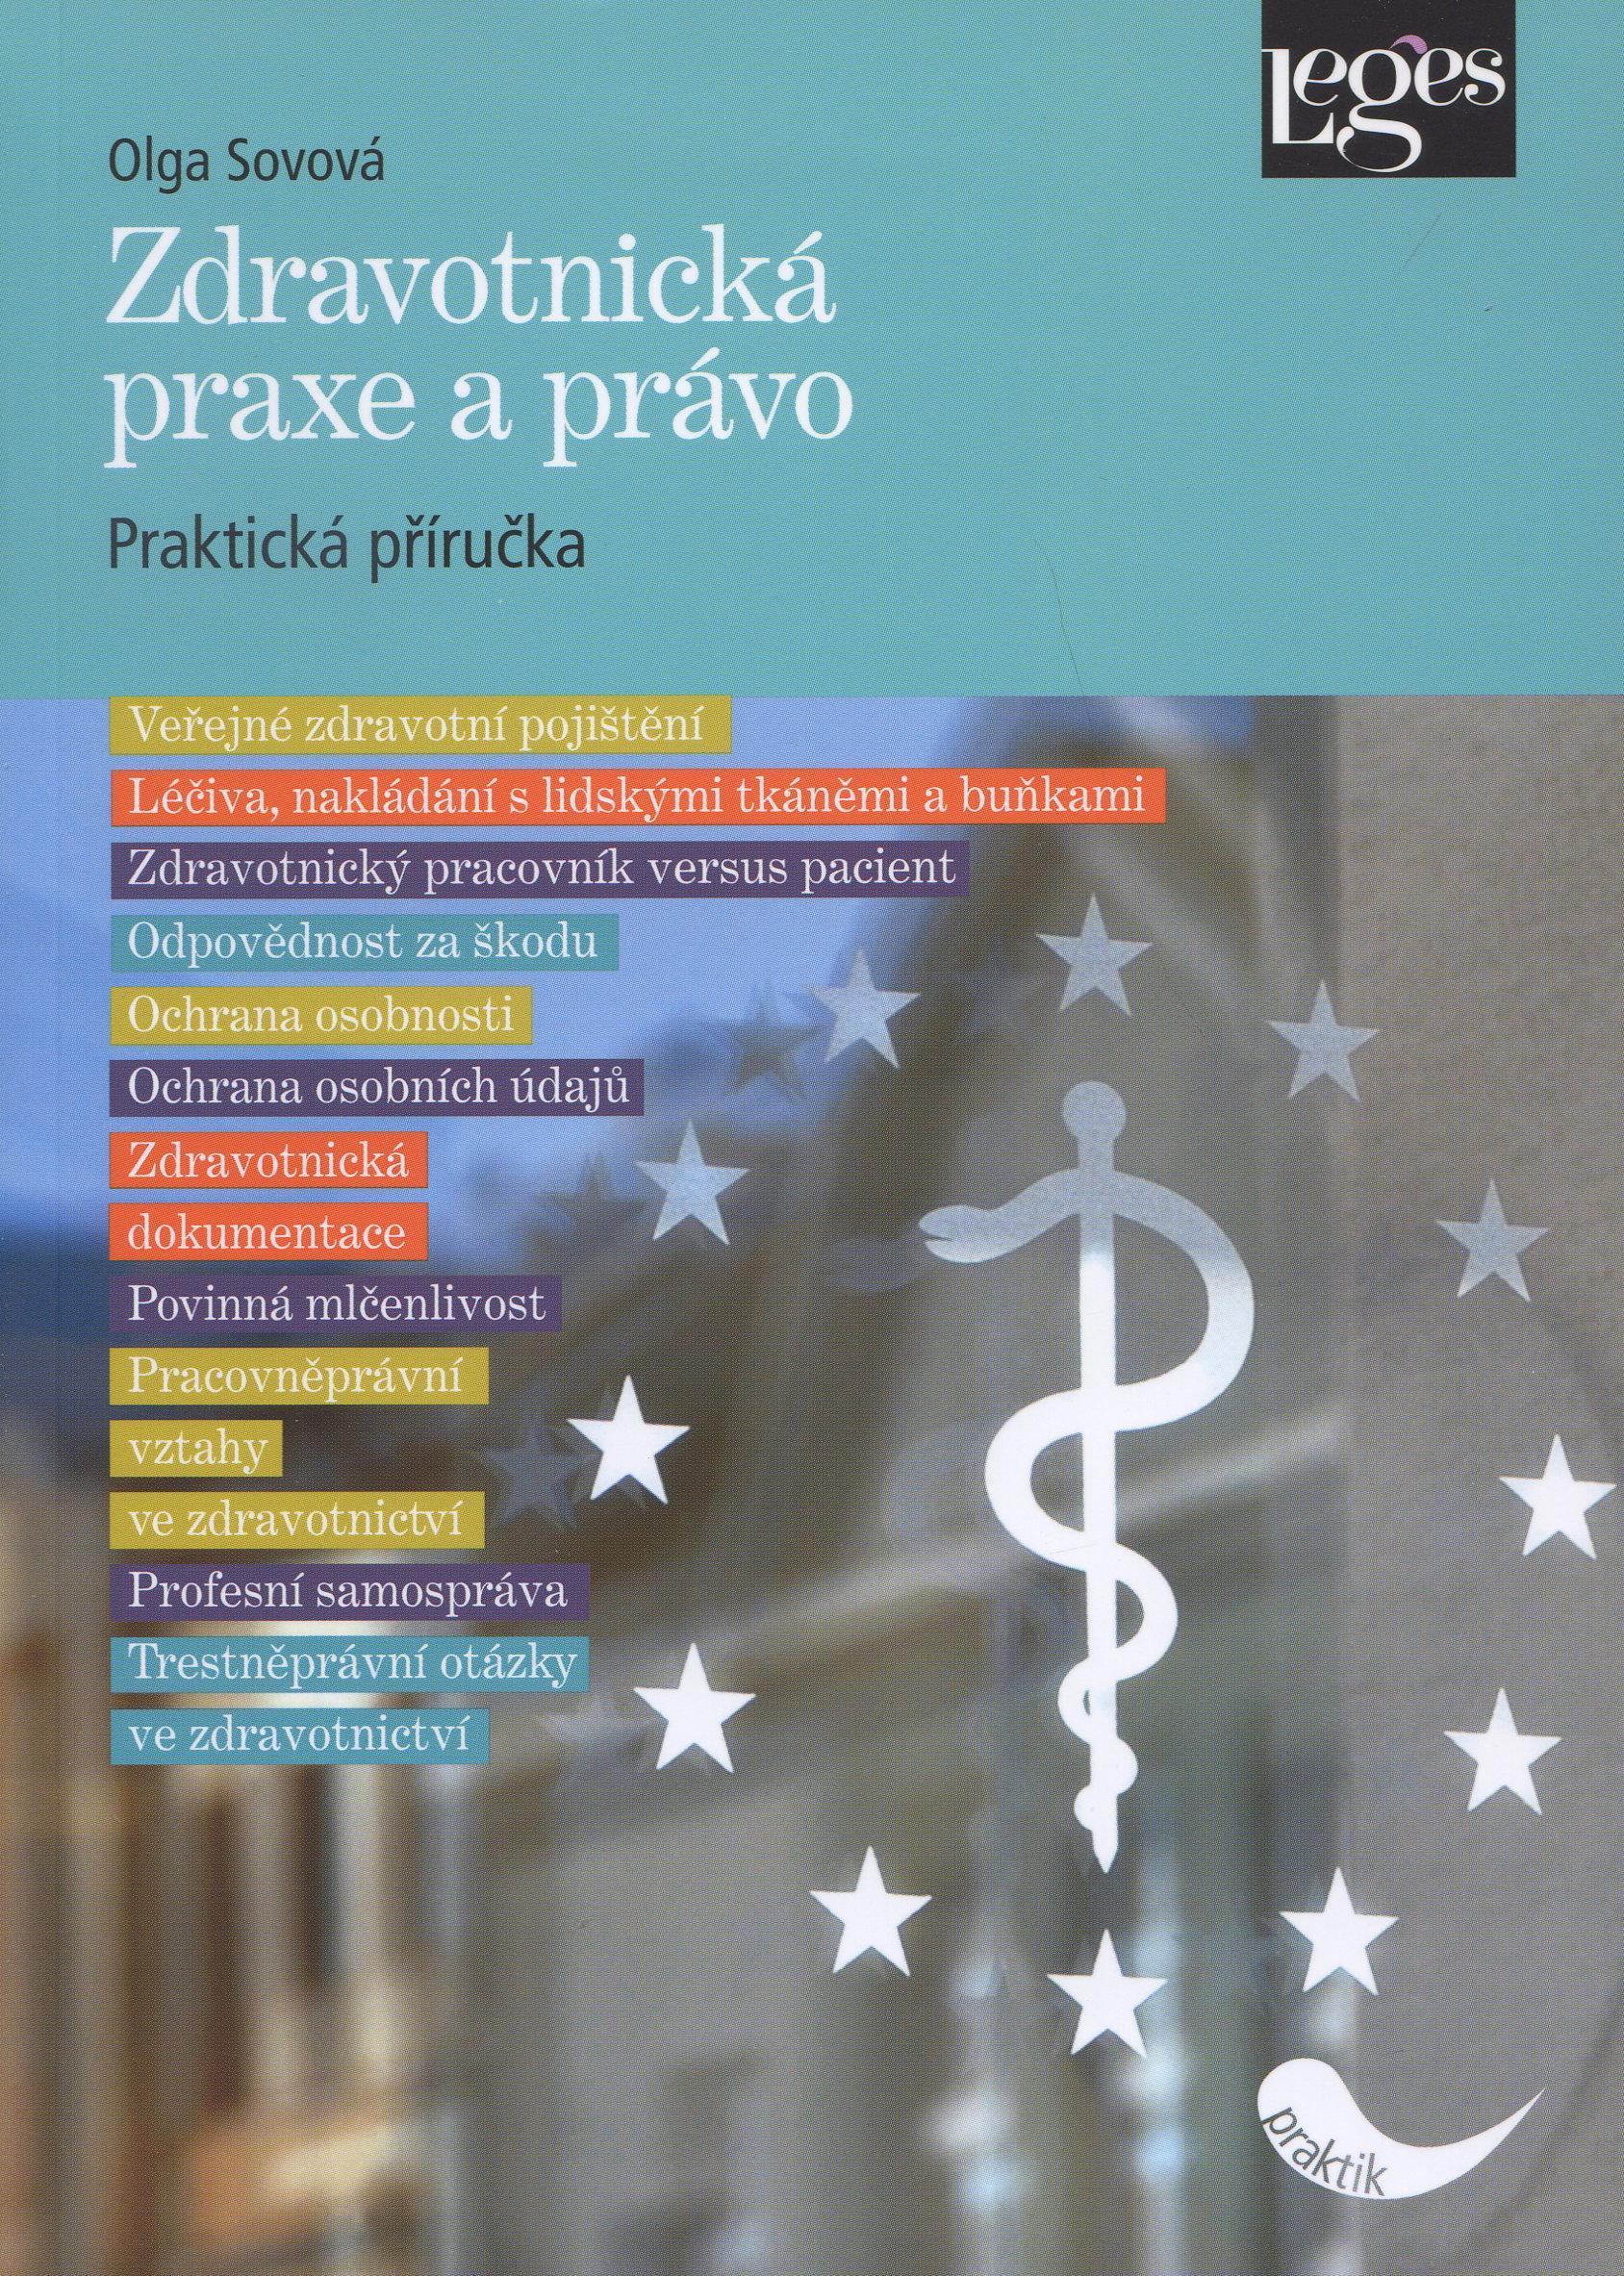 Zdravotnická praxe a právo - Praktická příručka